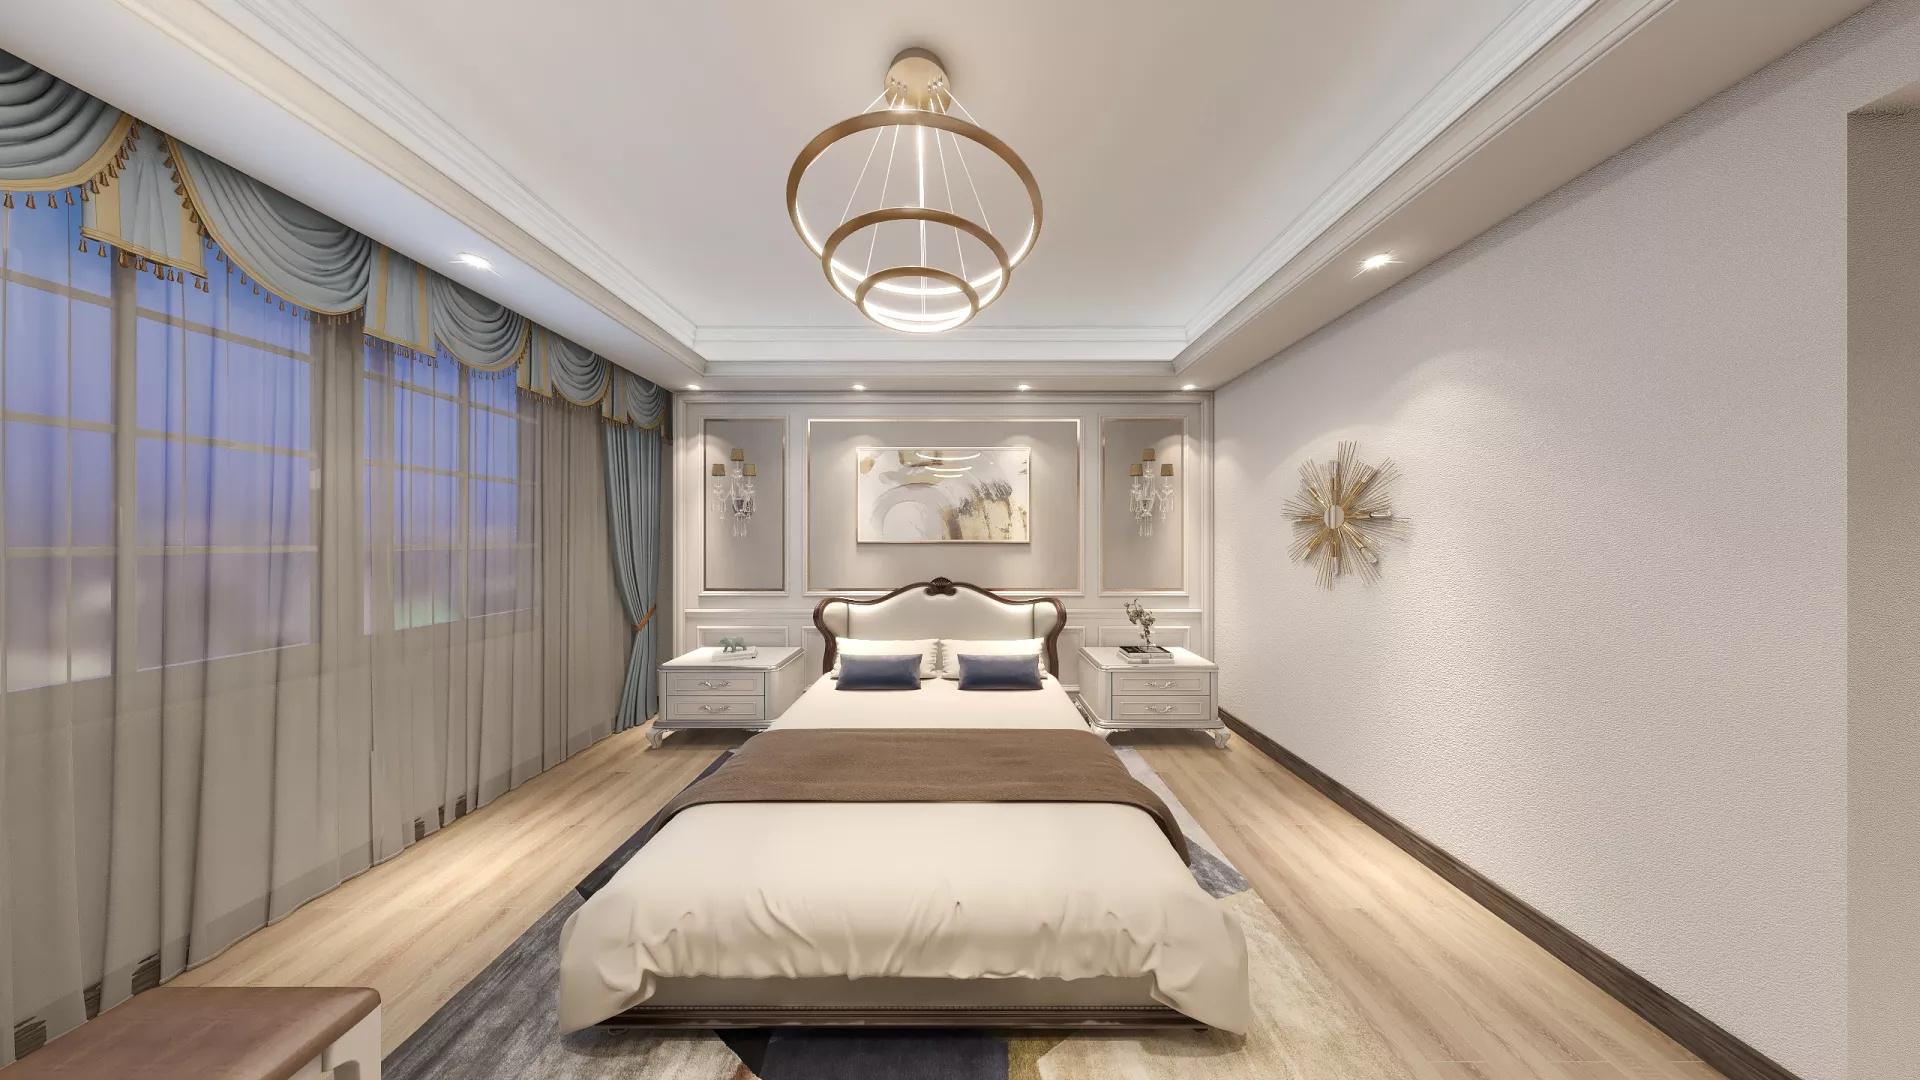 宜家风格浪漫温馨型卧室床装修效果图